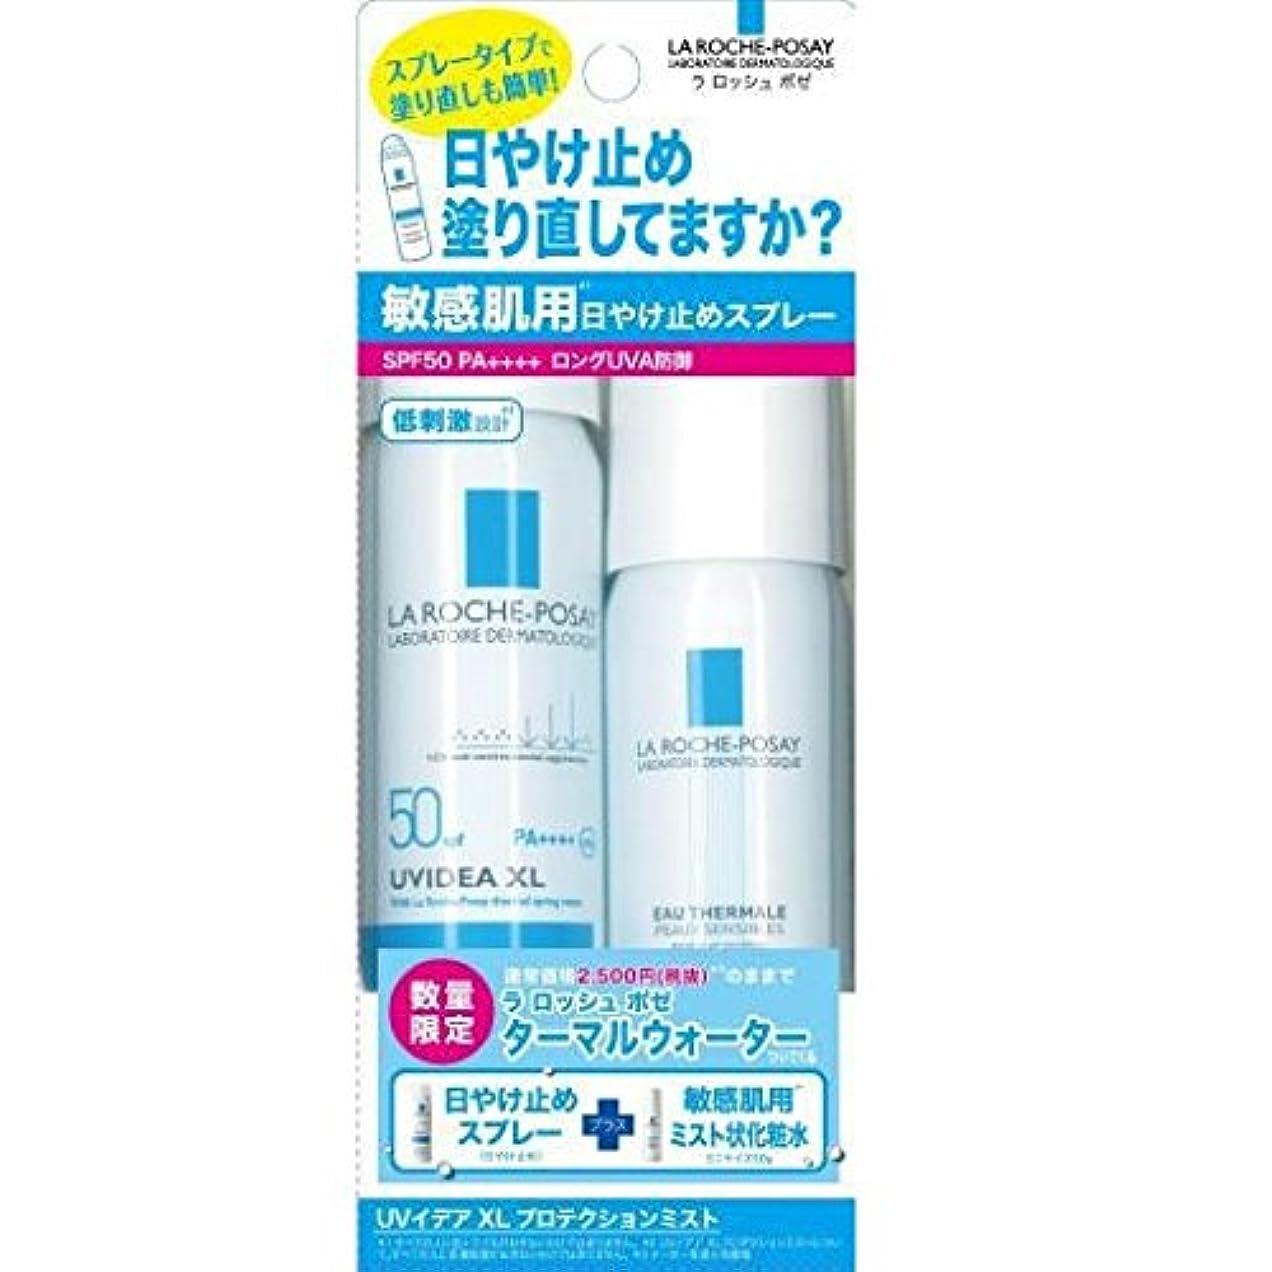 シャイニングステープル研磨剤【数量限定】ラロッシュポゼ UVイデア XL プロテクションミスト キット